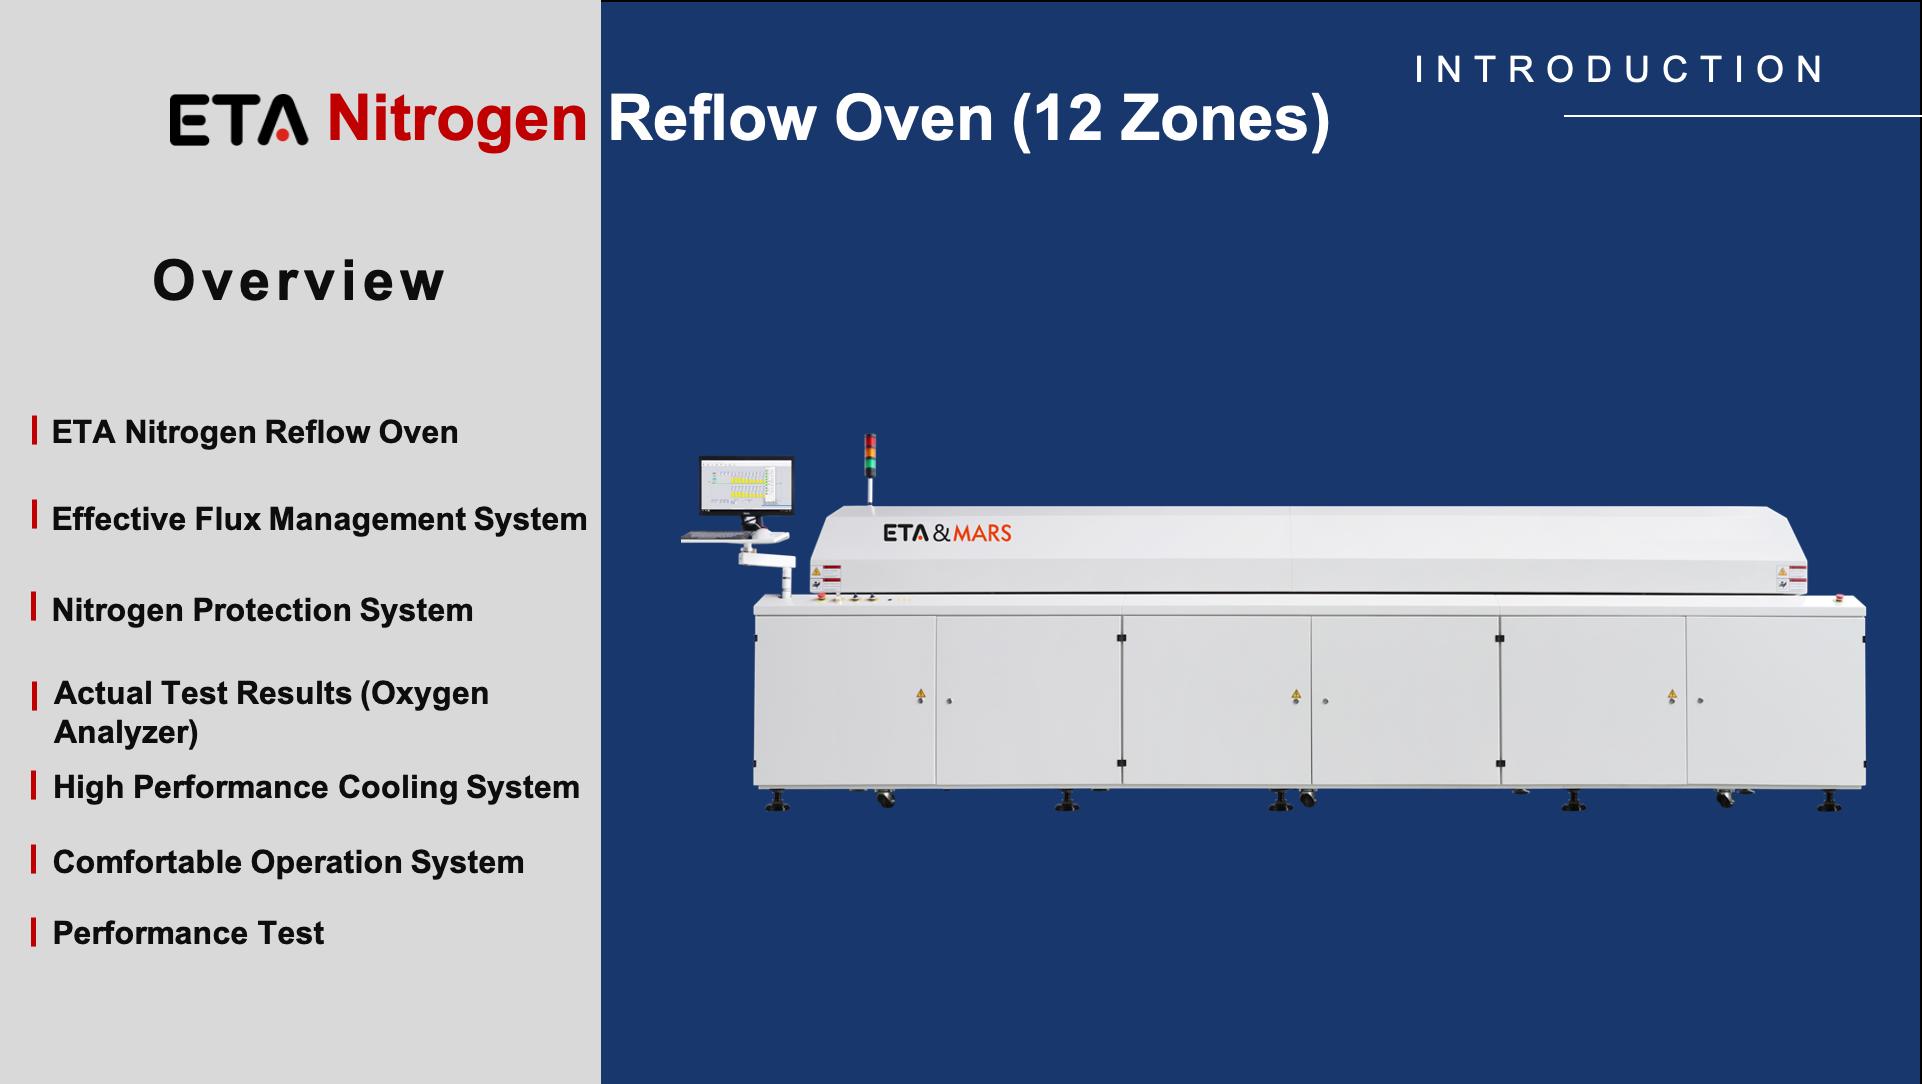 Nitrogen SMT Reflow Oven with 12 Zones